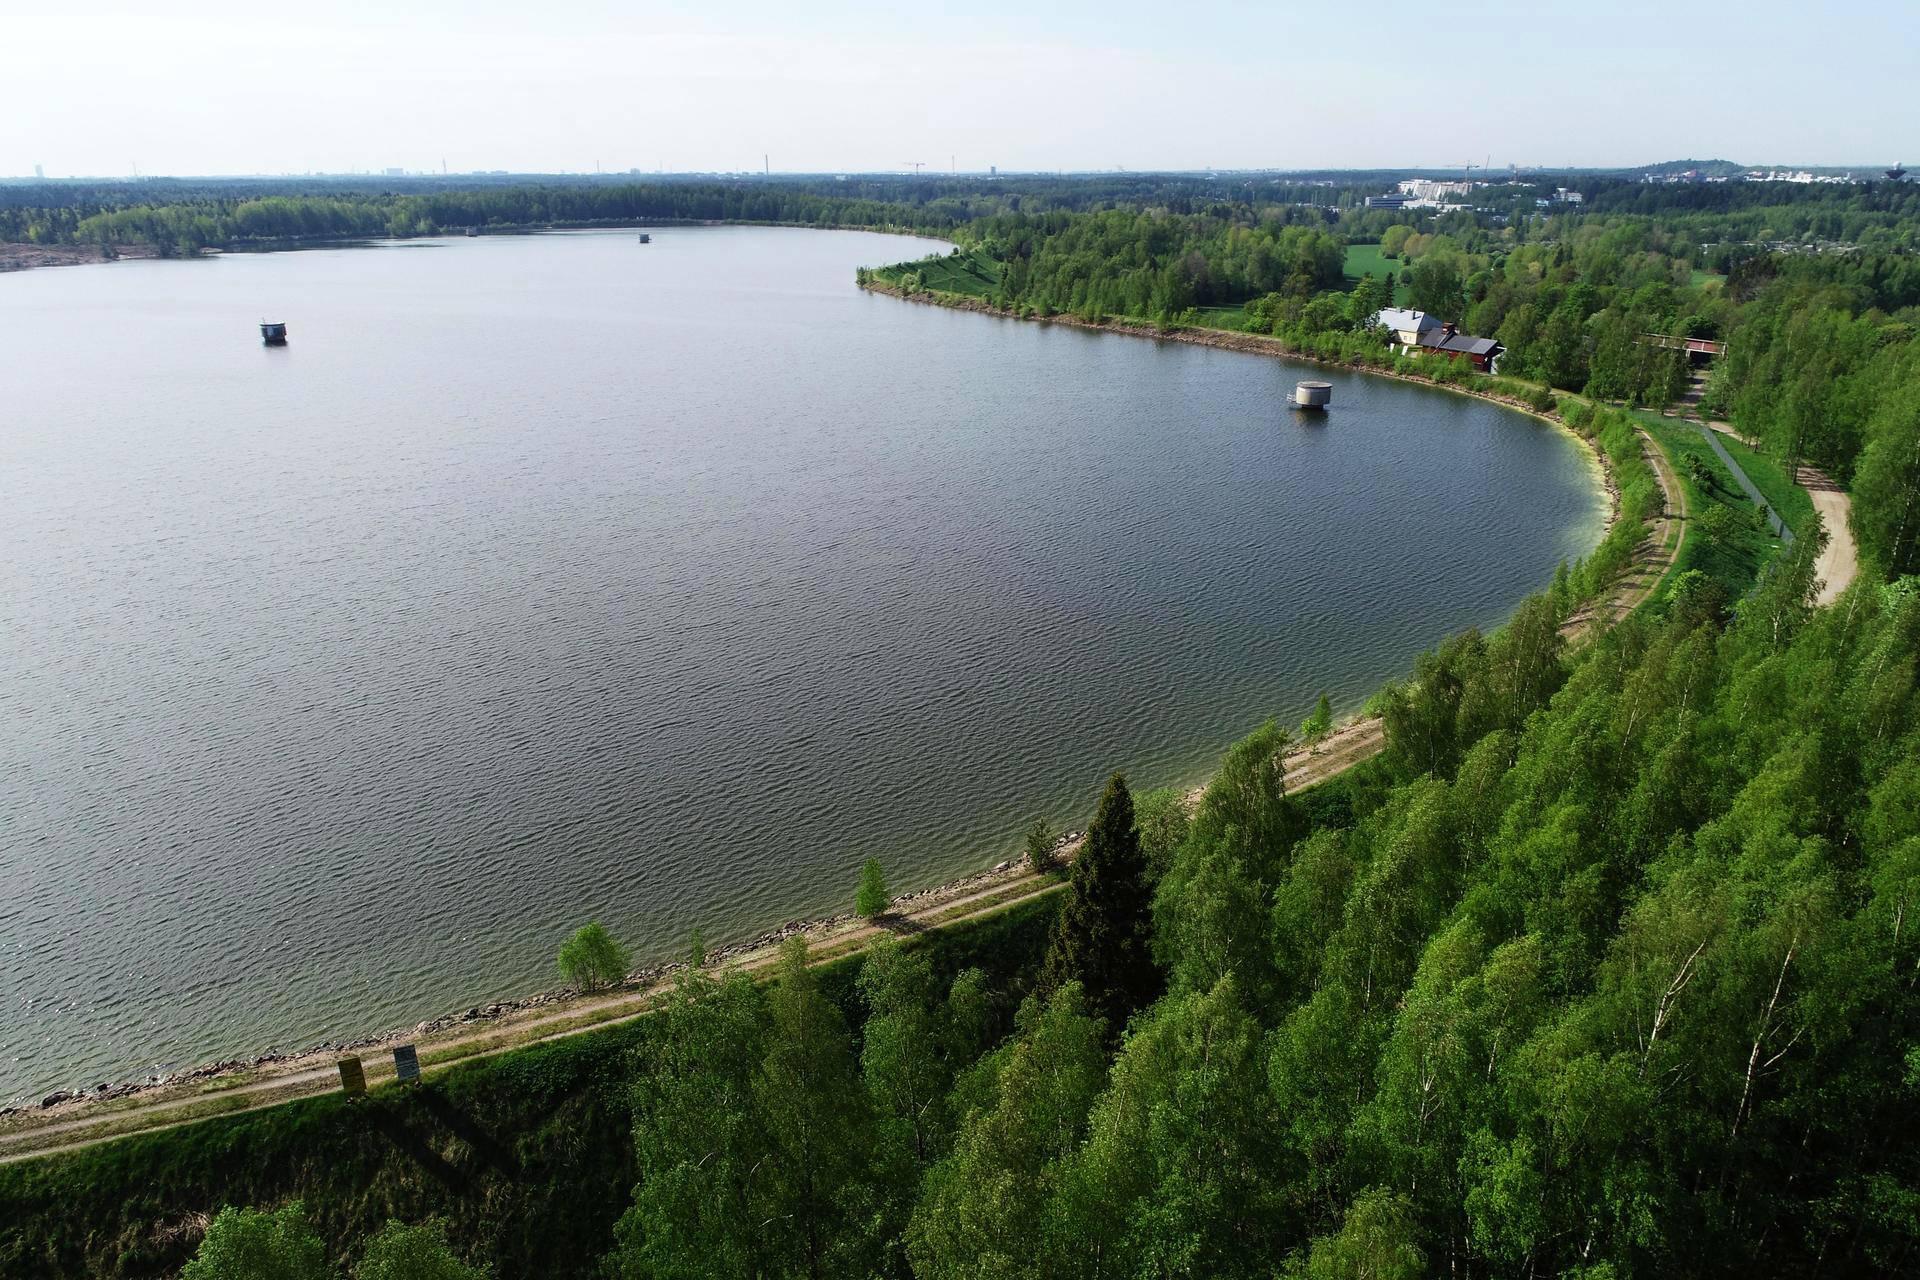 Silvolan tekojärveä kiertää maavalli, jonka takaa eivät ulkopuoliset järvelle näe.